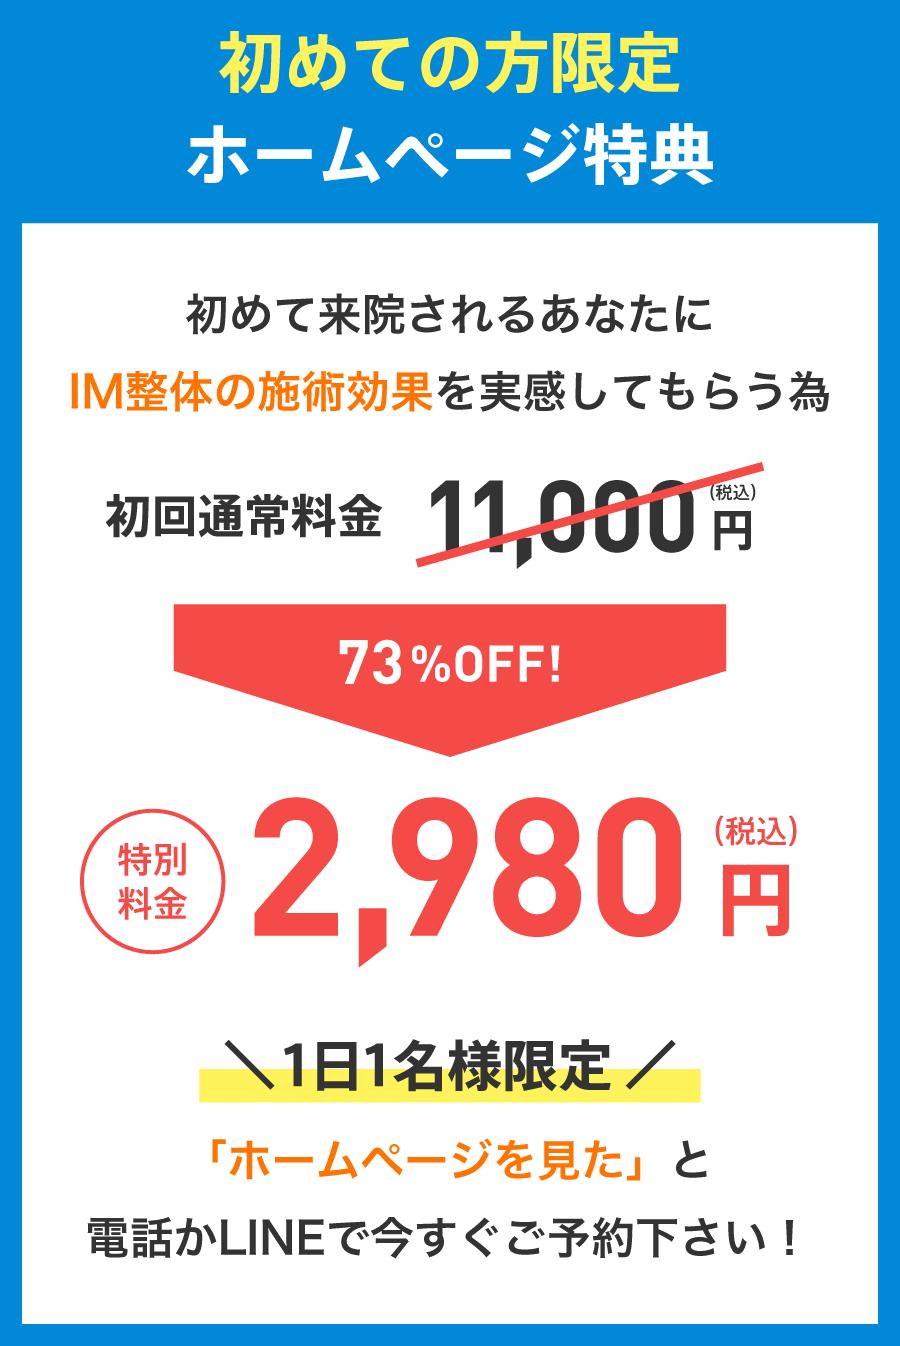 初めての方限定ホームページ特典/73%OFF!/特別料金:2,980円(税込)